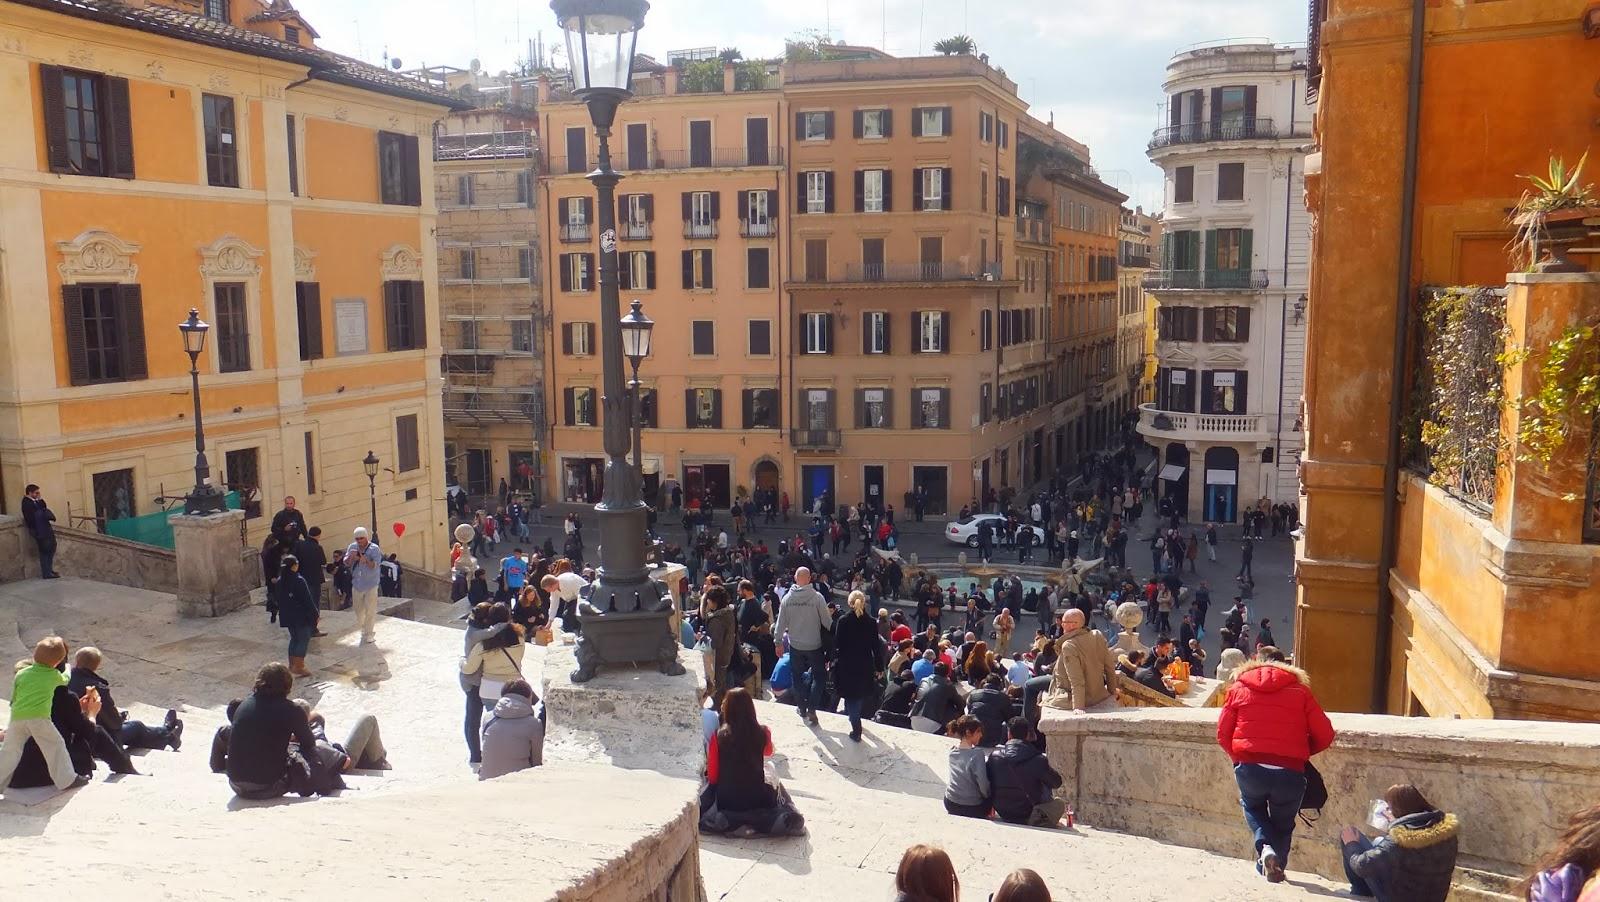 Piazza di Spagna, Trinita dei Monti, Roma, Italia, Elisa N, Blog Viajes, Lifestyle, Travel, TravelBlogger, Blog Turismo, Viajes, Fotos, Blog LifeStyle, Elisa Argentina